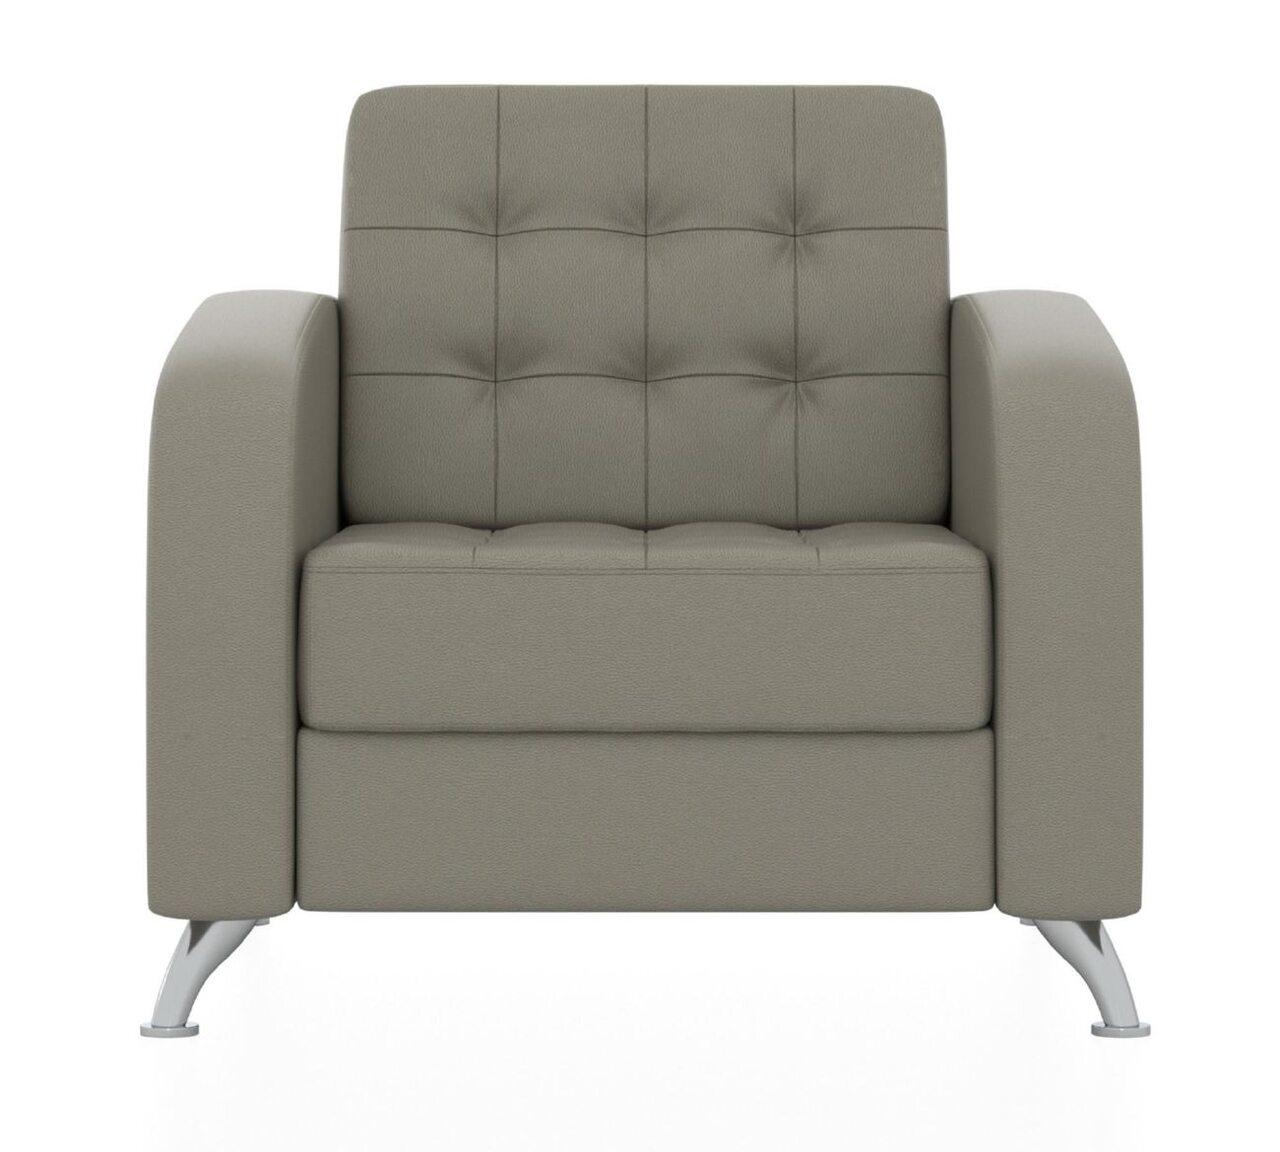 Кресло  РОЛЬФ 89x85x84 - фото 3